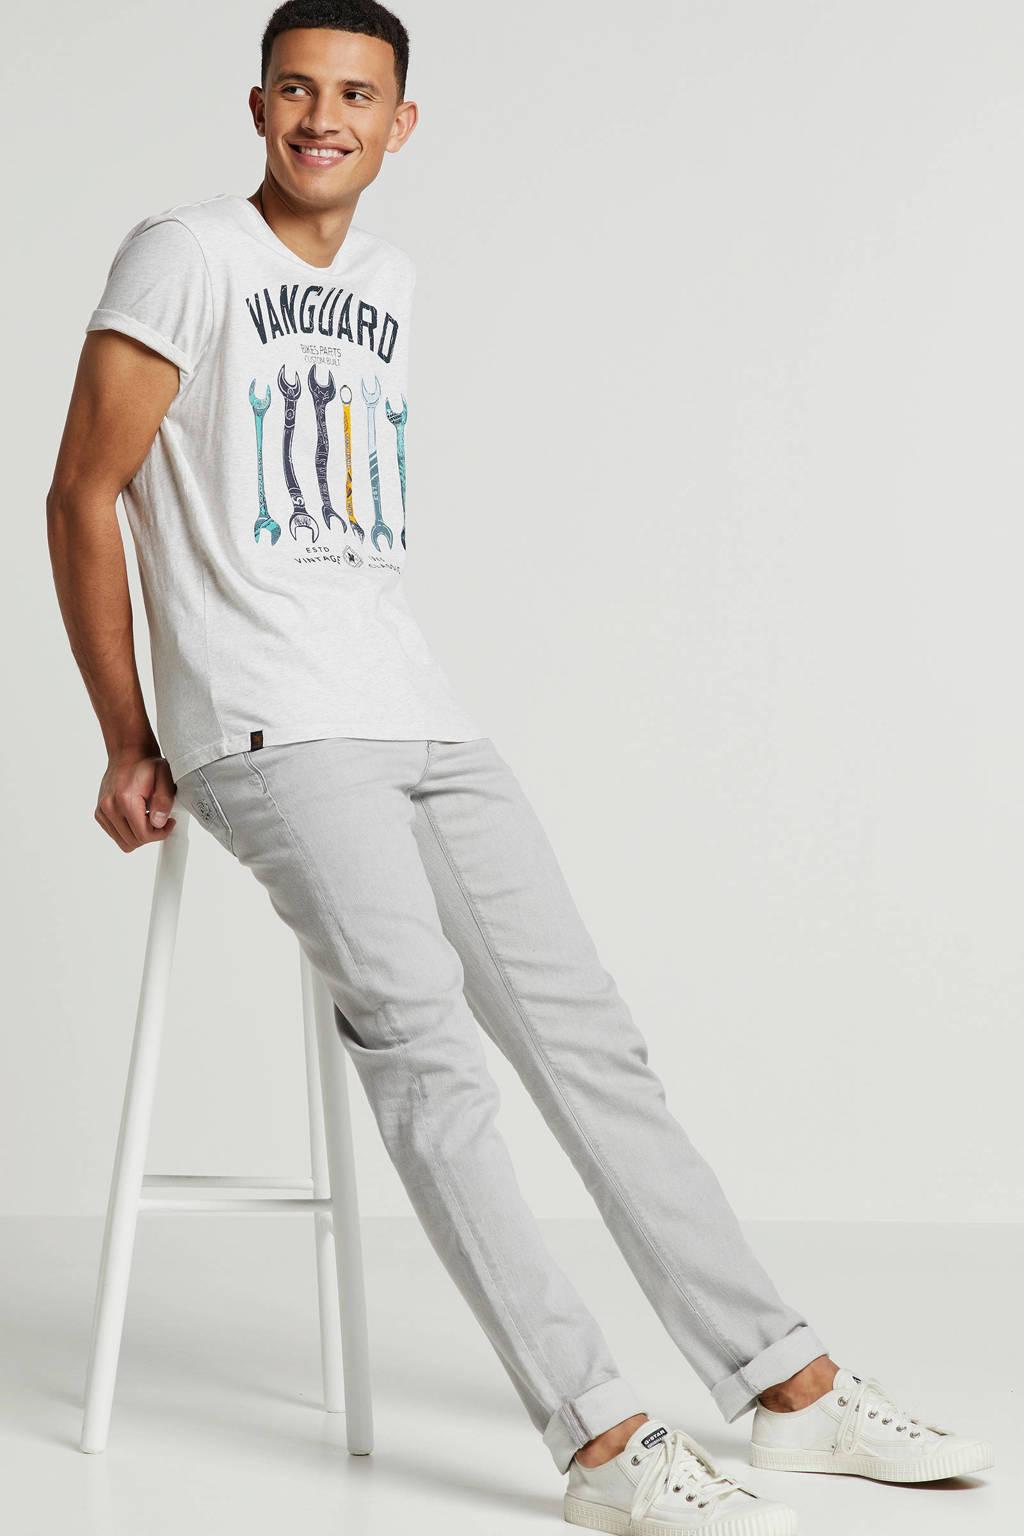 Vanguard T-shirt met printopdruk, Ecru/ Blauw/ Antraciet/Geel